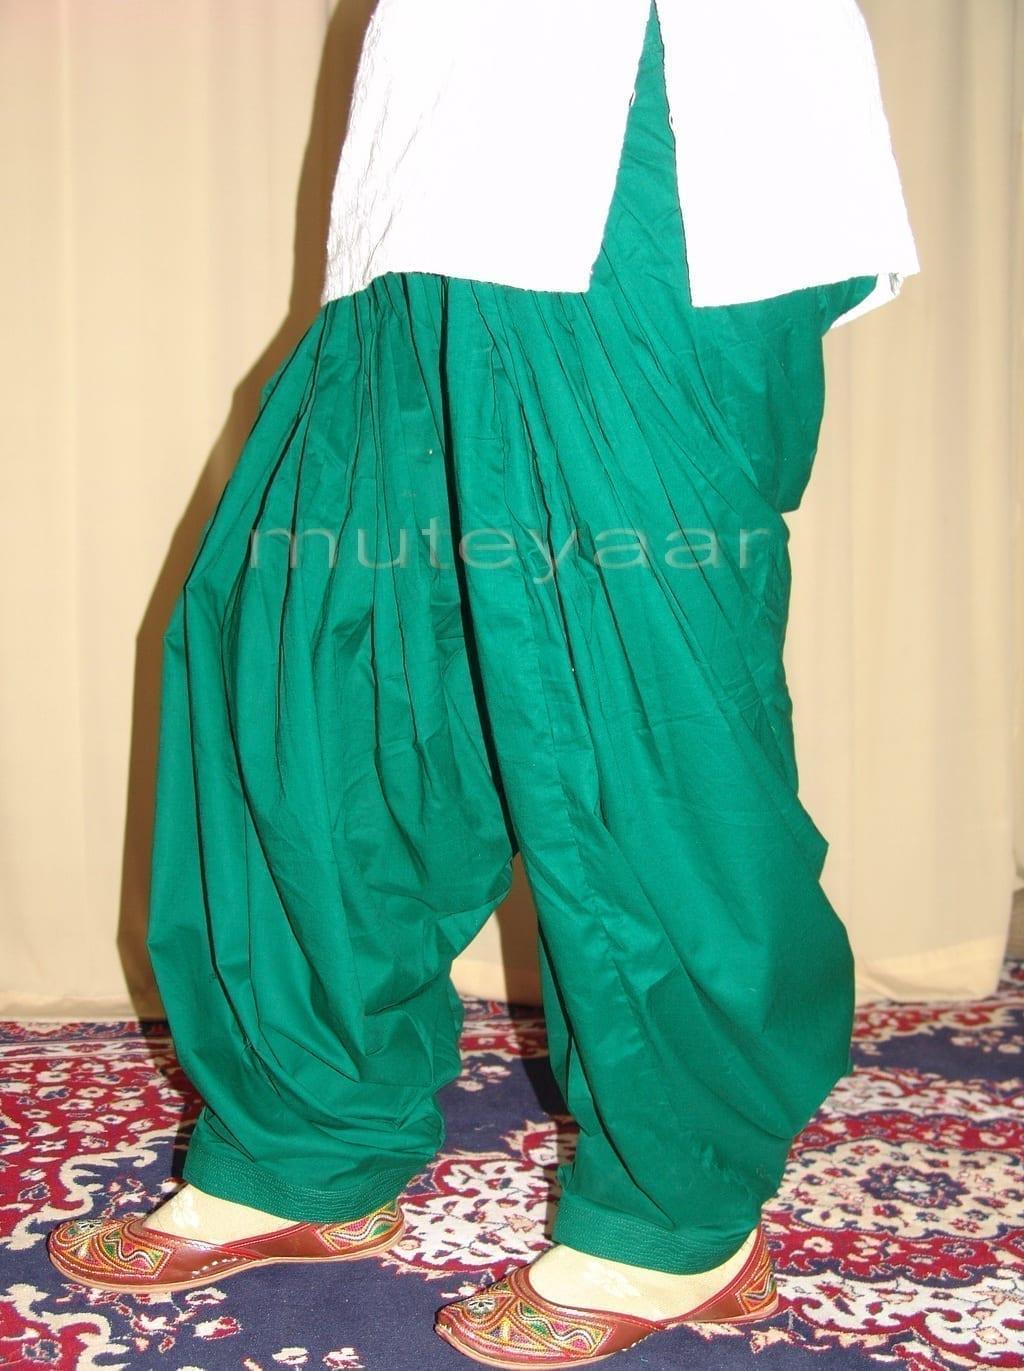 Patiala Salwars Wholesale Lot of 25 Pure Cotton Pants - Mix colours 15